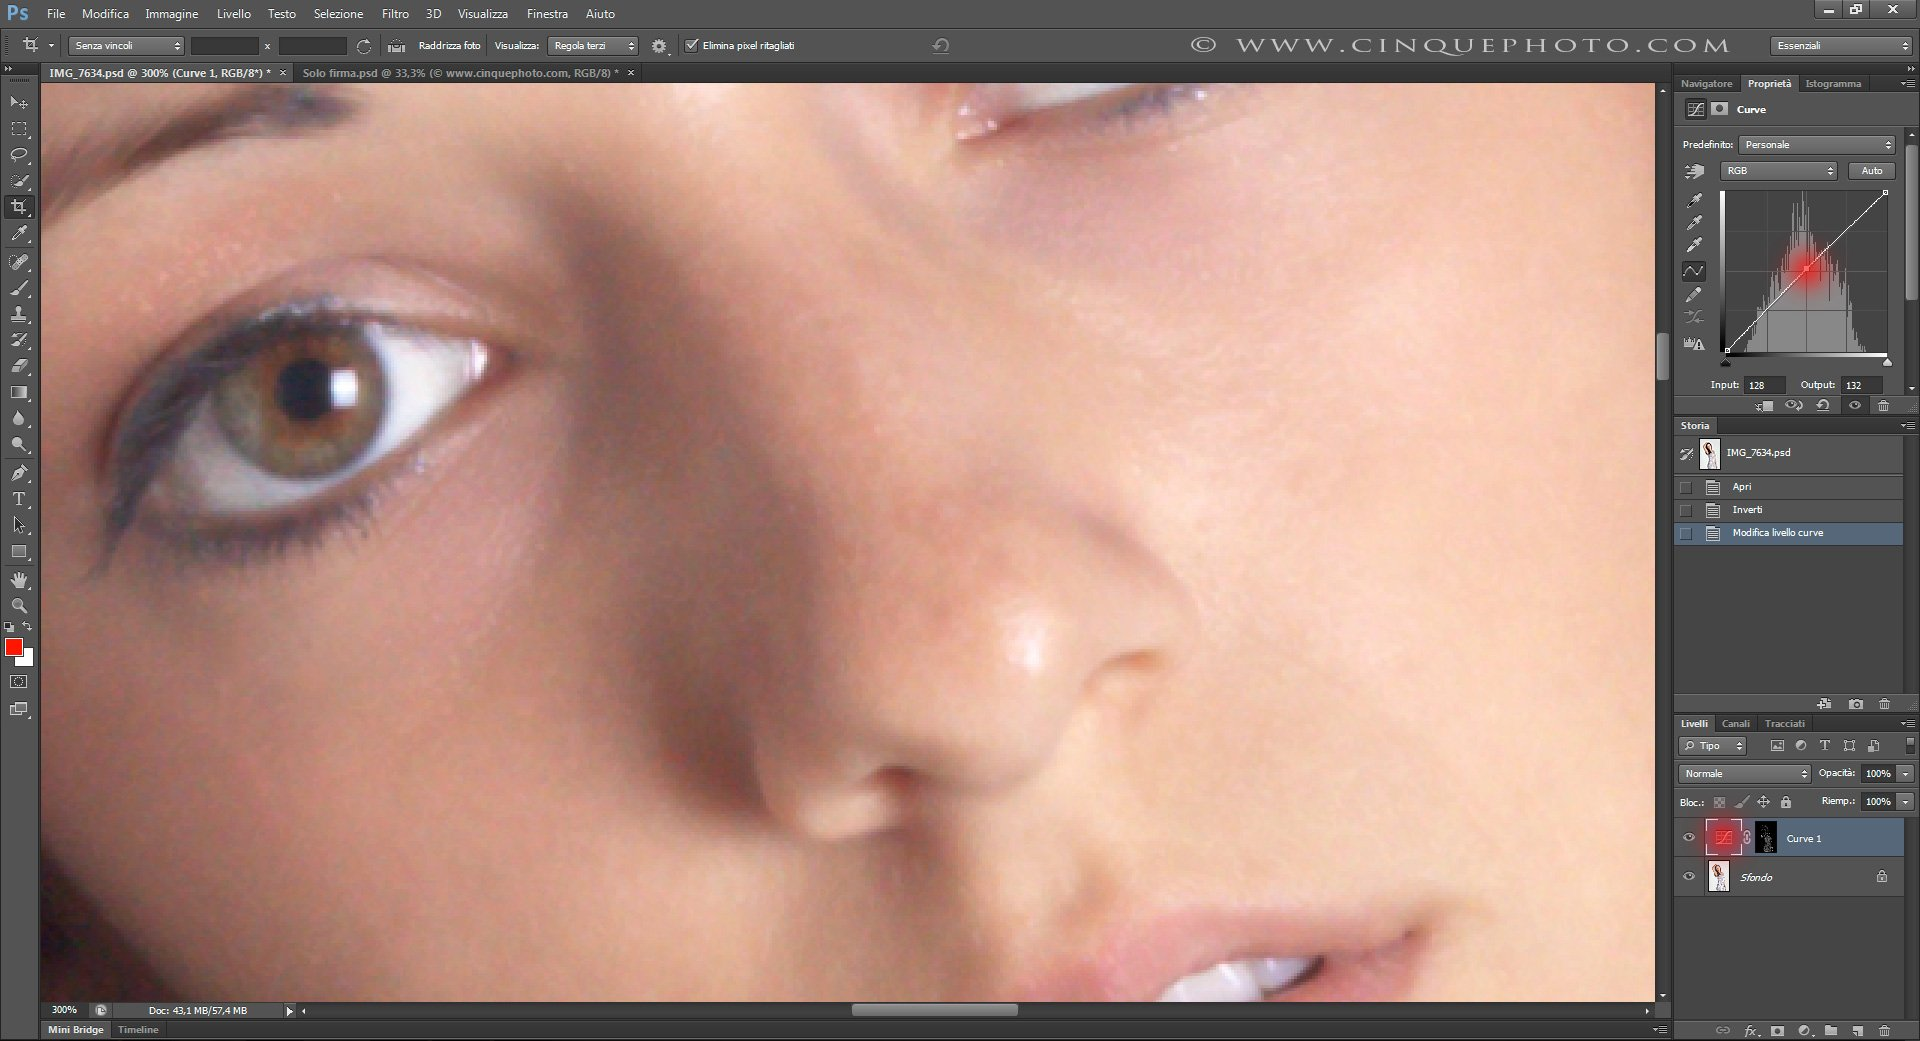 Passo 5: Tecniche di Ritocco Viso con Photoshop per fotografia Beauty